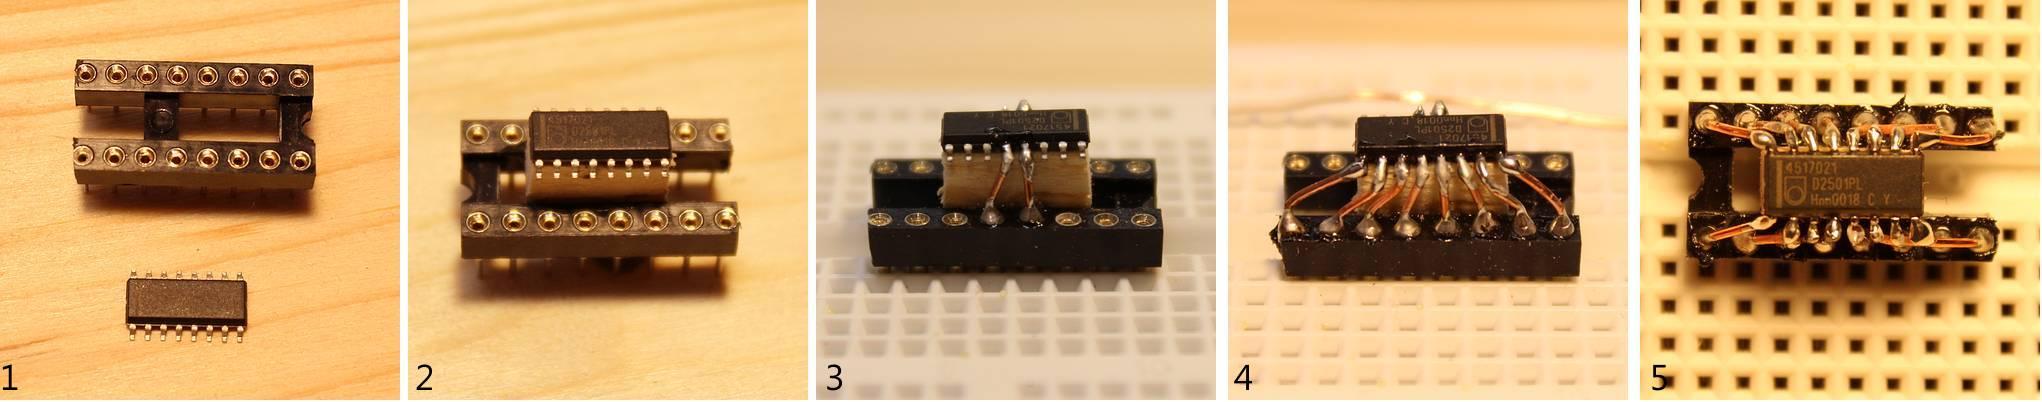 Montage des SMD-Chips auf einer IC-Fassung